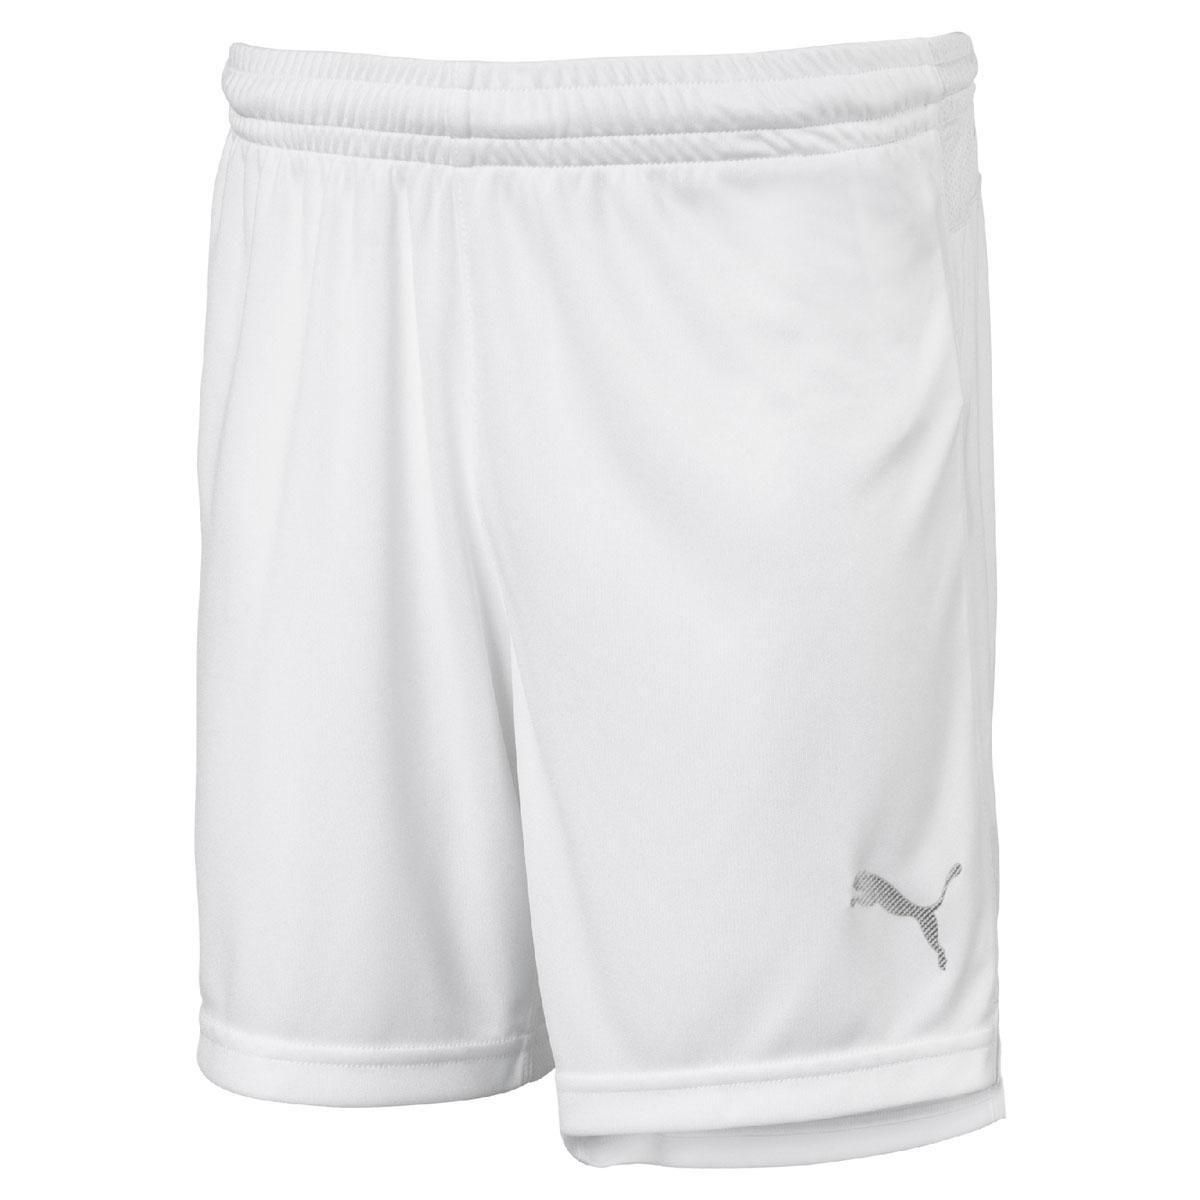 Шорты для мальчика Puma ftblNXT Shorts Jr, цвет: белый. 65557405. Размер 12865557405